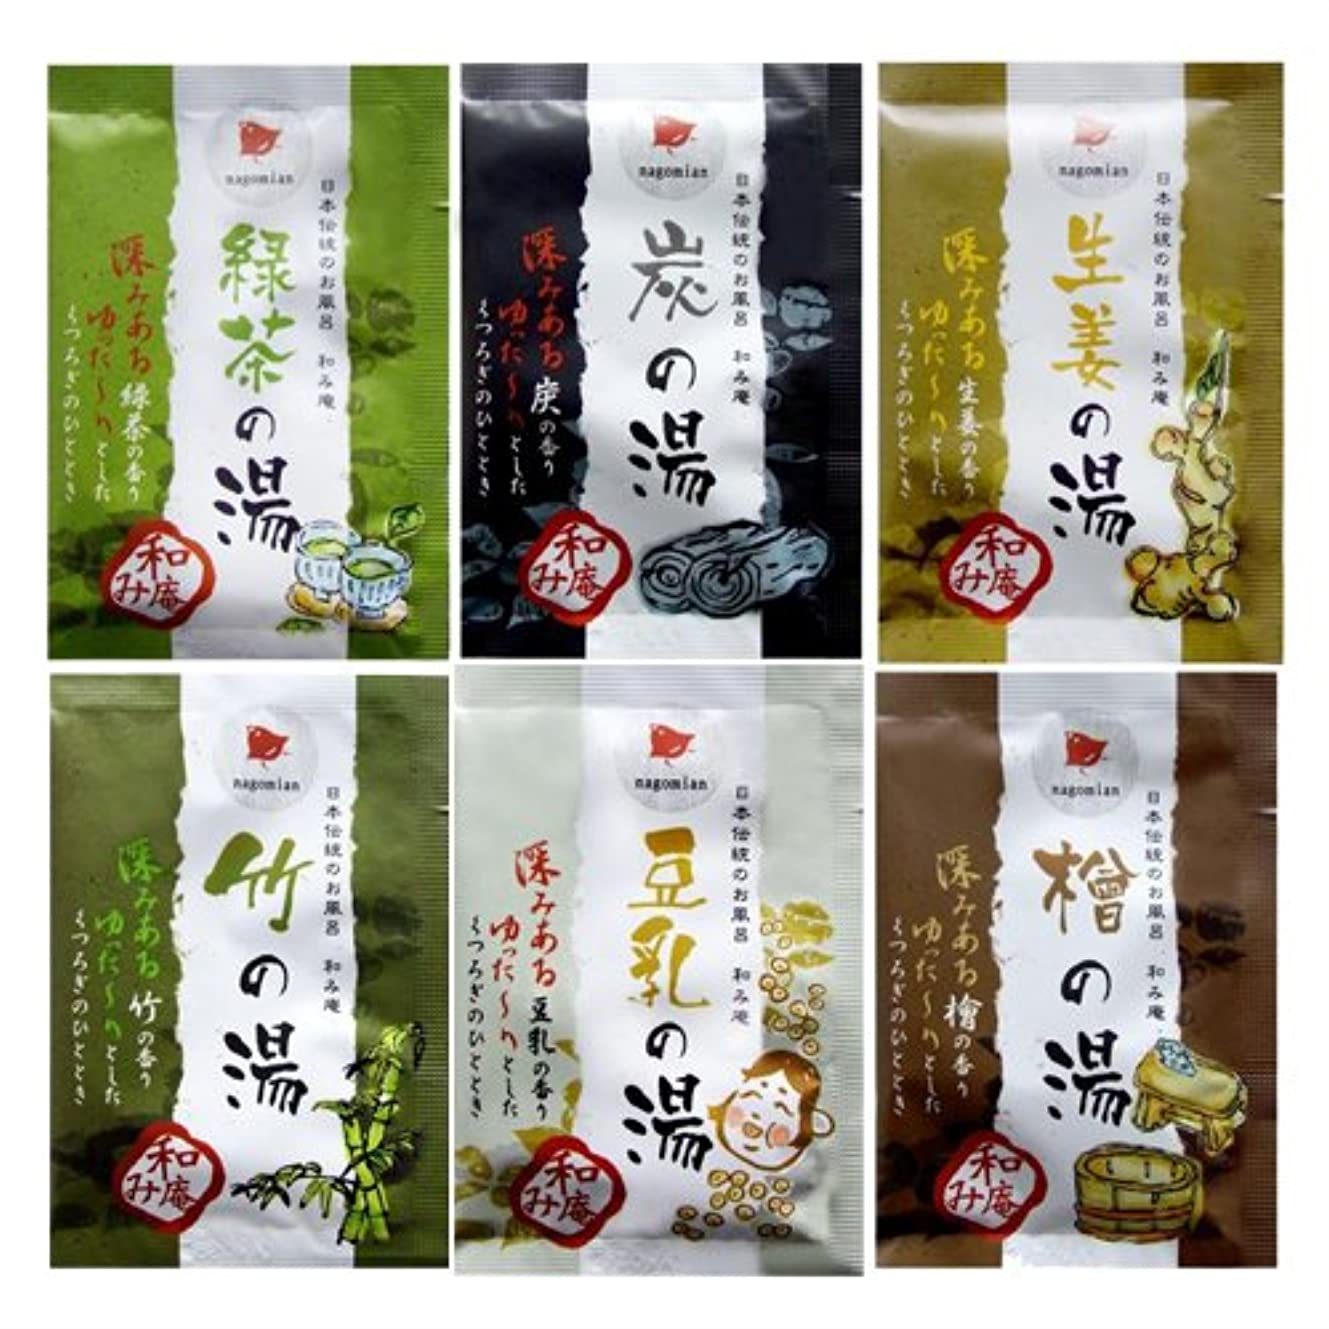 ジョガーペグ彼らのもの日本伝統のお風呂 和み庵 6種類セット